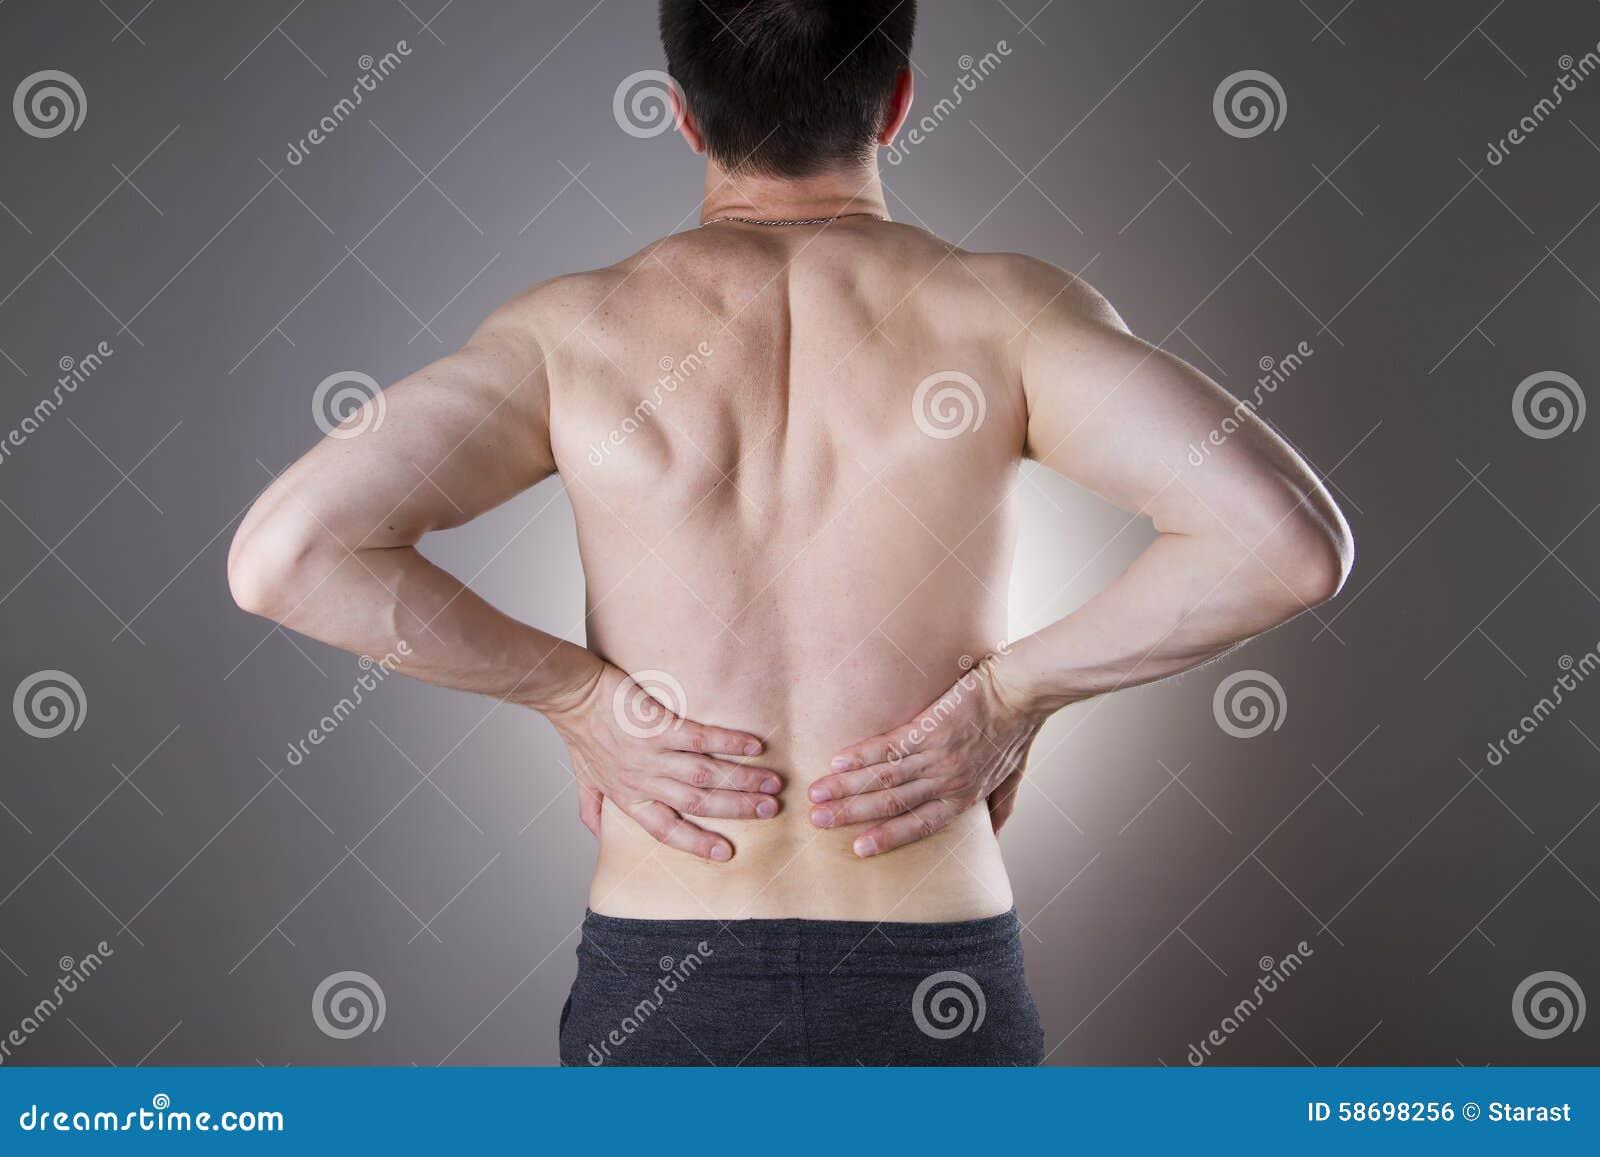 Dolor Del Riñón Hombre Con Dolor De Espalda Dolor En El Cuerpo Del ...